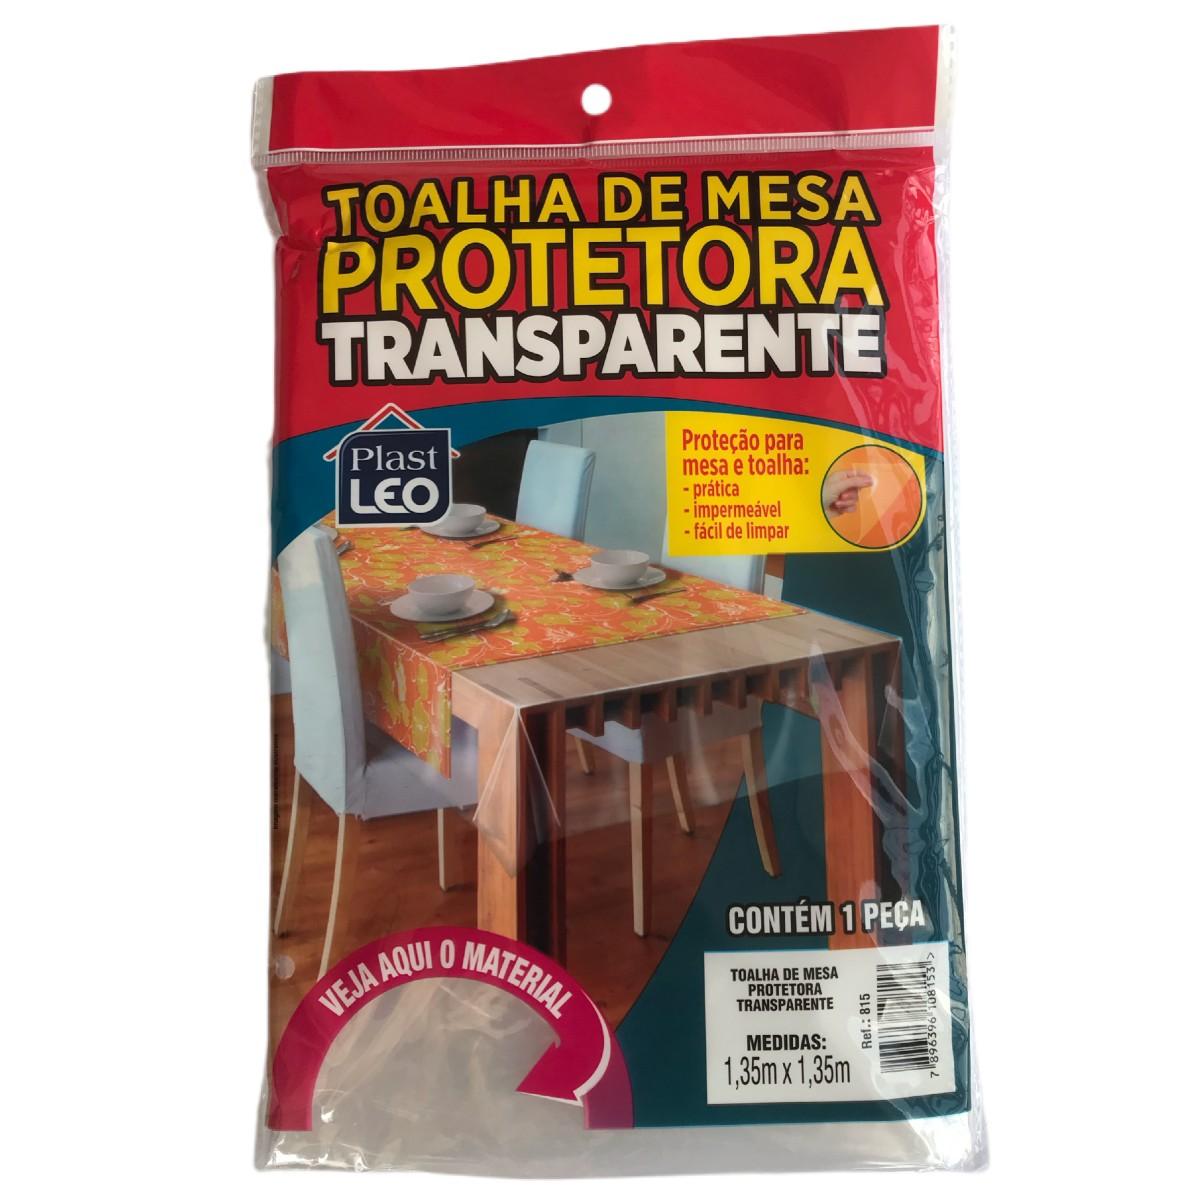 Toalha De Mesa Protetora Transparente 1,35m X 1,35m Plast Léo